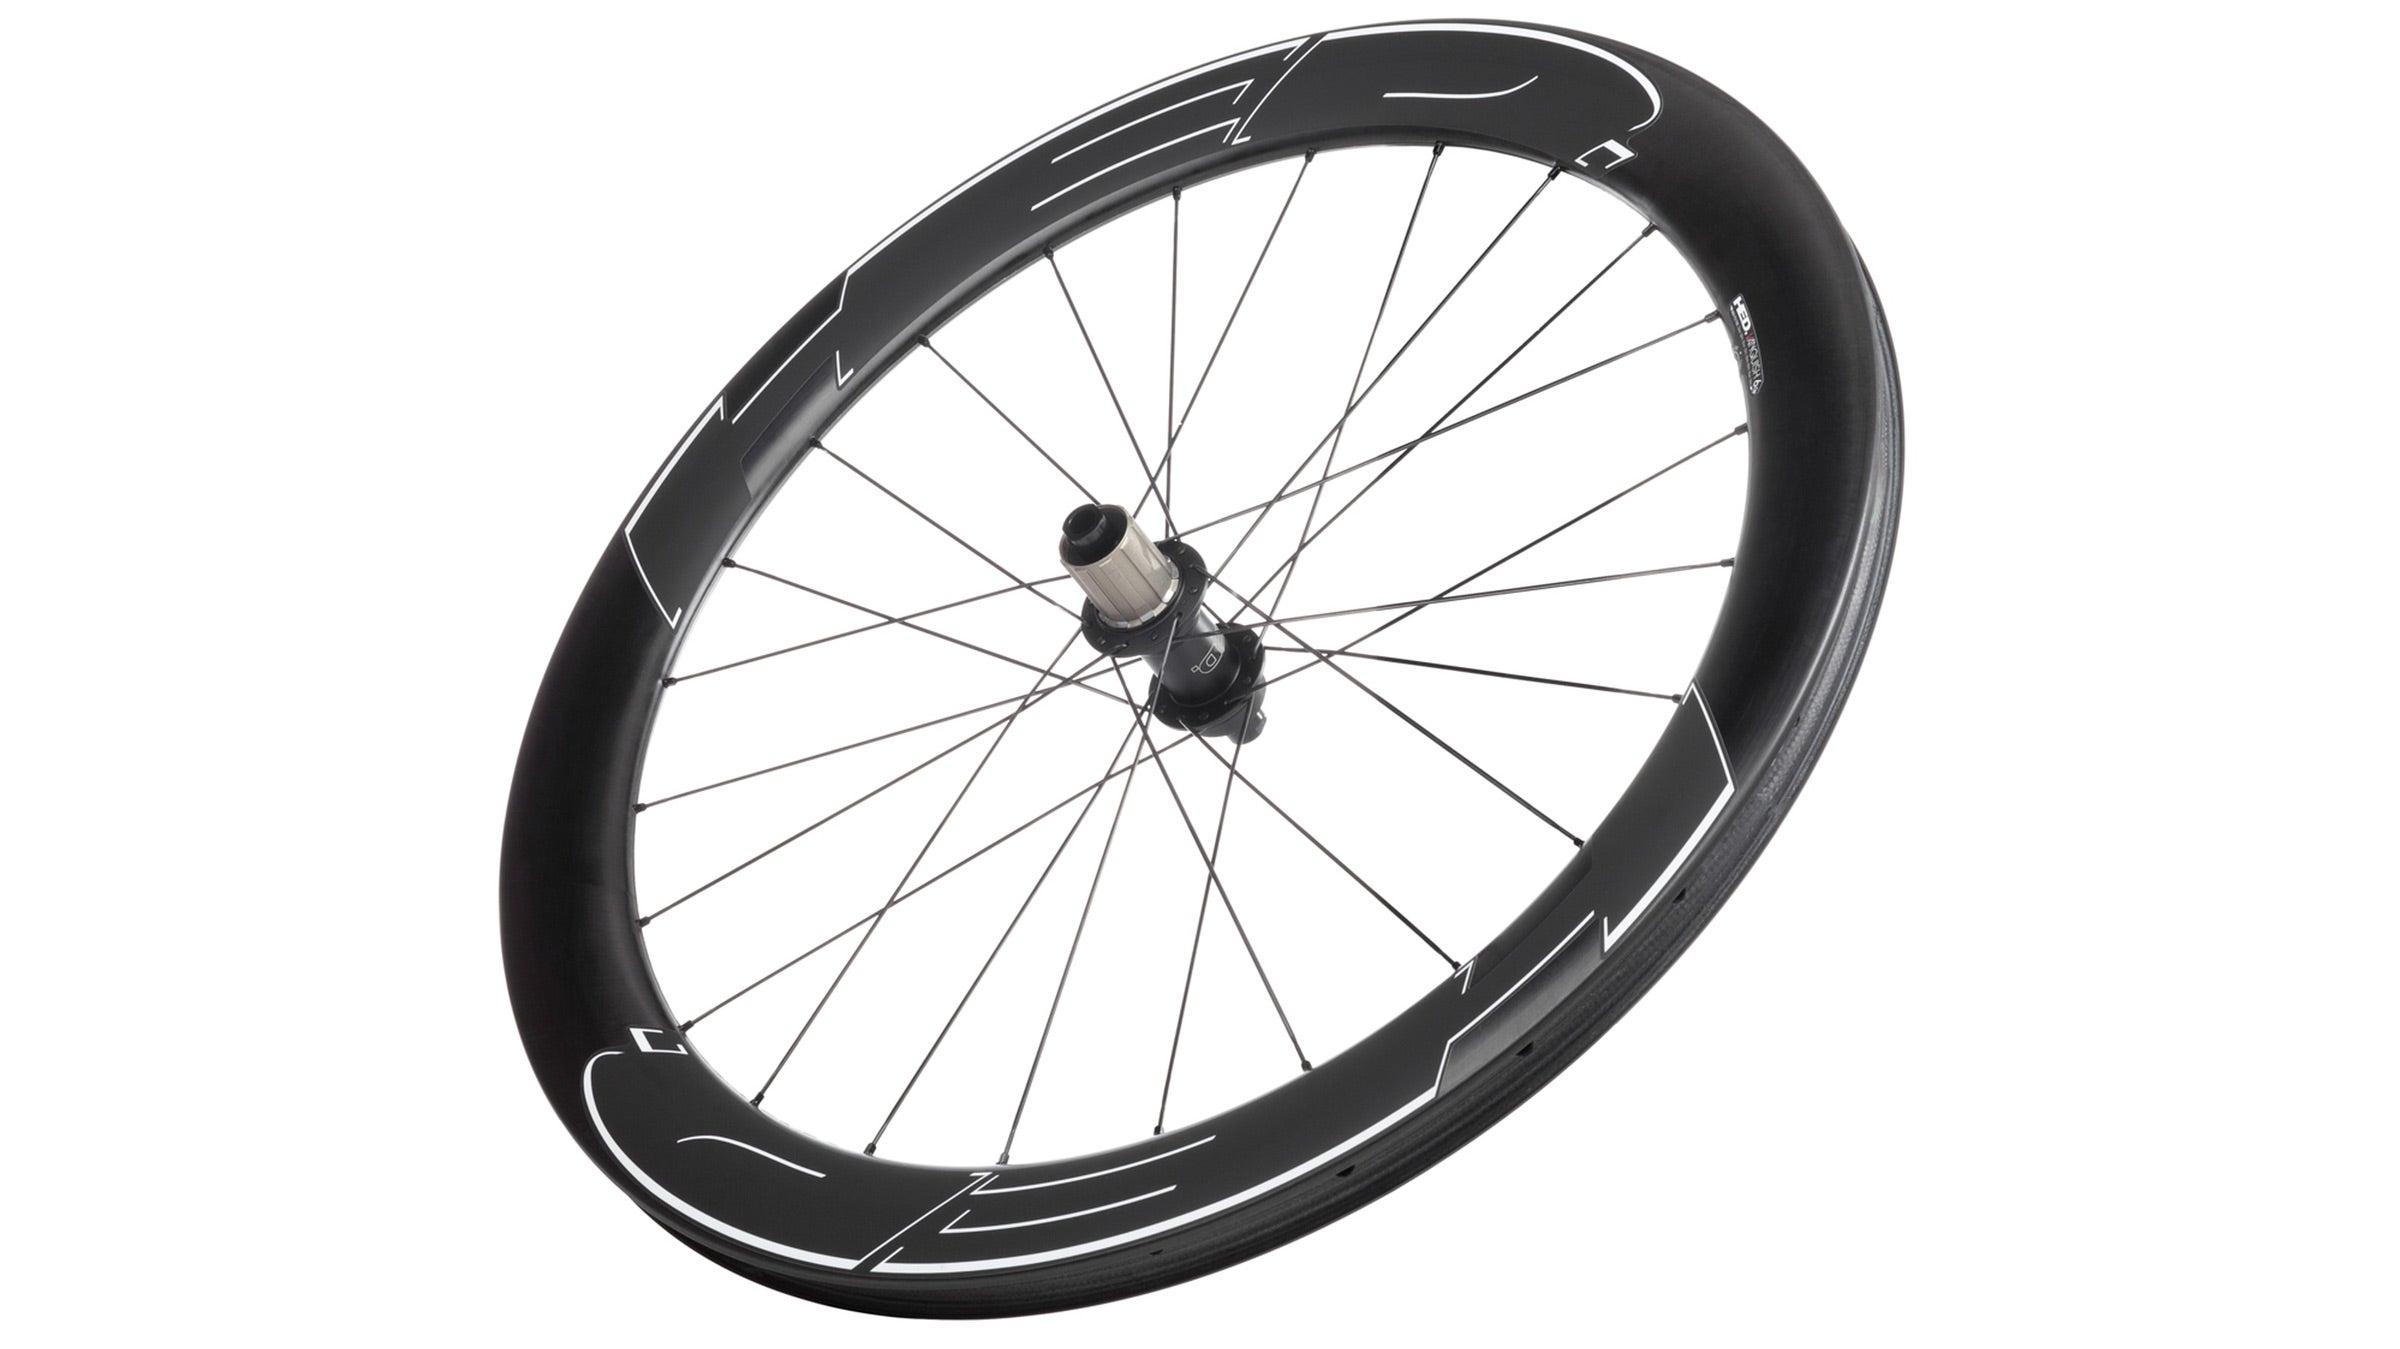 HED Vanquish GP6 Disc Wheel